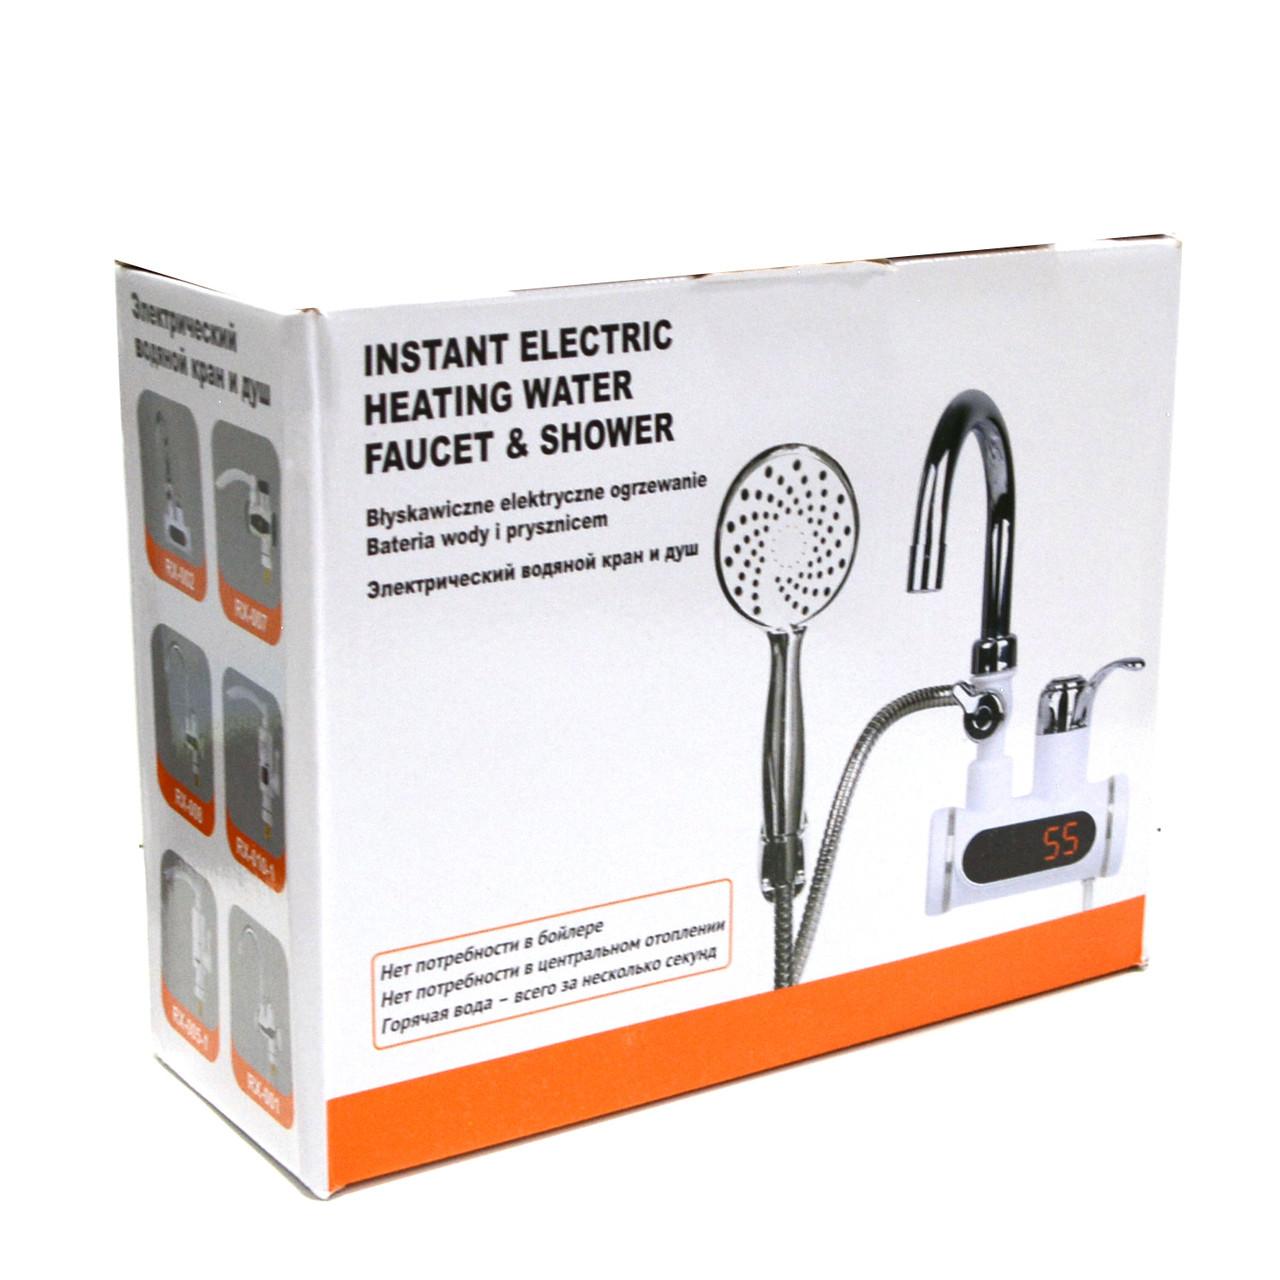 Проточный электрический водонагреватель c душем и дисплеем Instant Electric Heating Water Faucet - фото 7